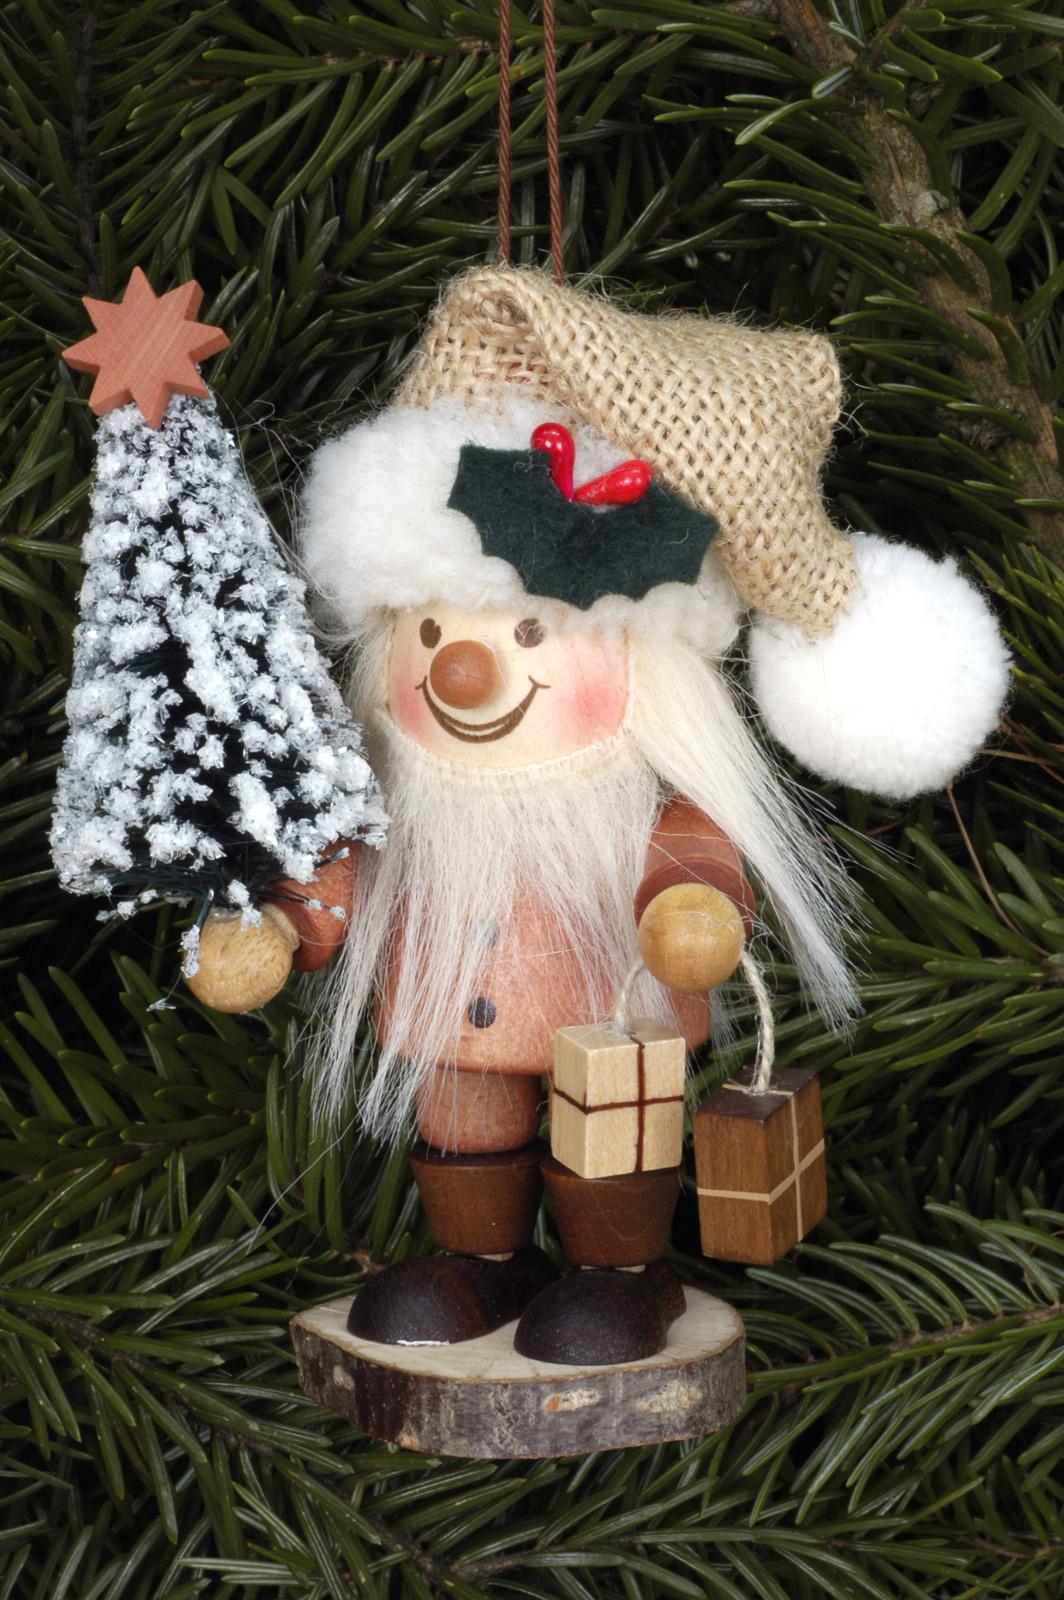 Baumbehang Strolch Weihnachtsmann natur